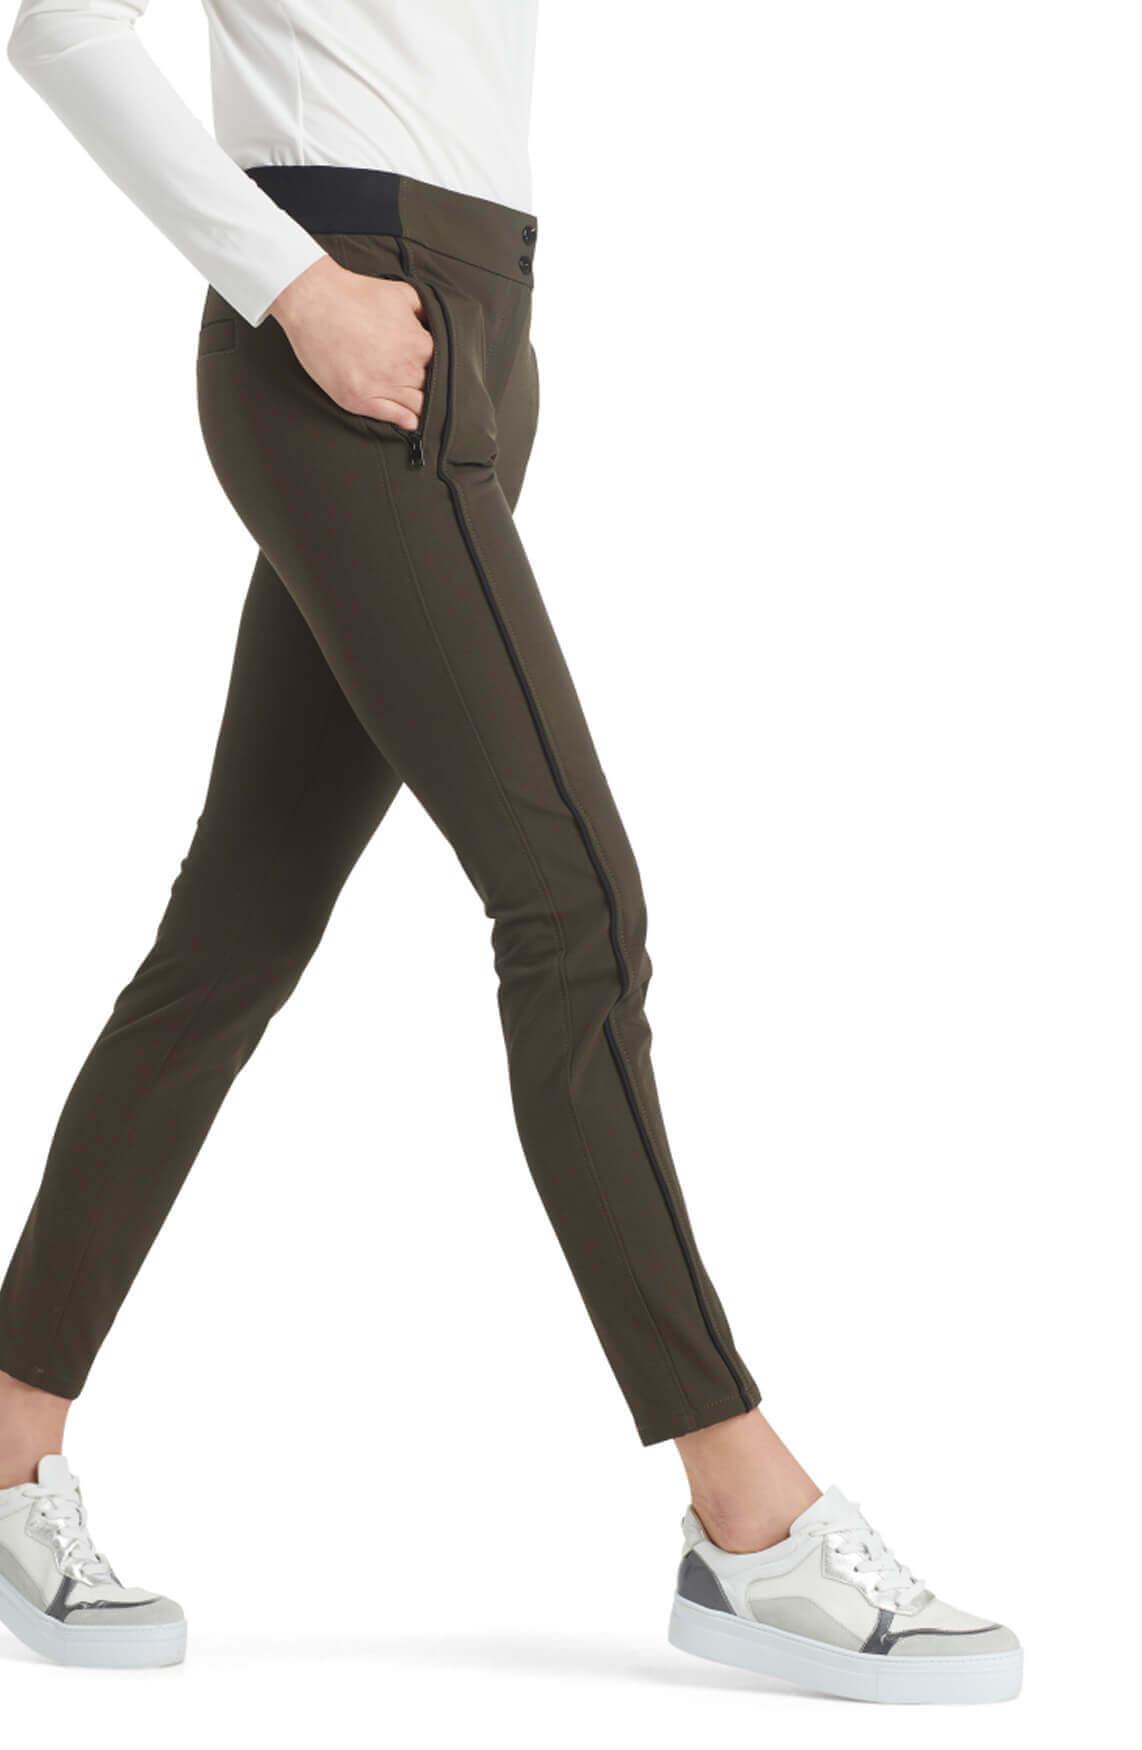 Marccain Sports Dames Slim-fit broek groen